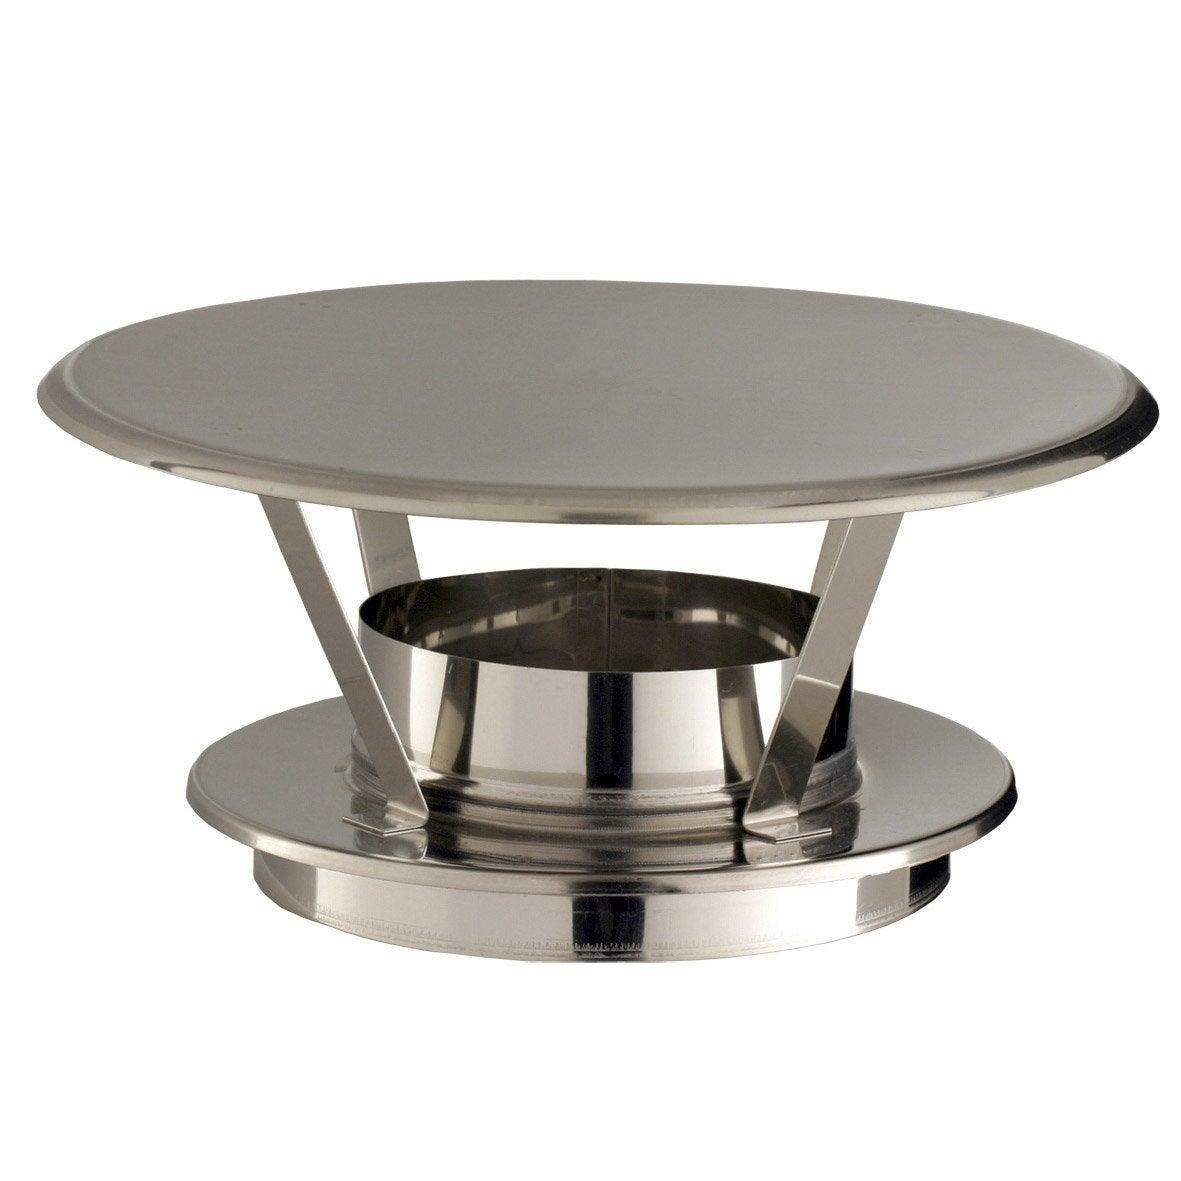 Chapeau pare pluie simple poujoulat 150 mm leroy merlin for Chapeau pour cheminee exterieur